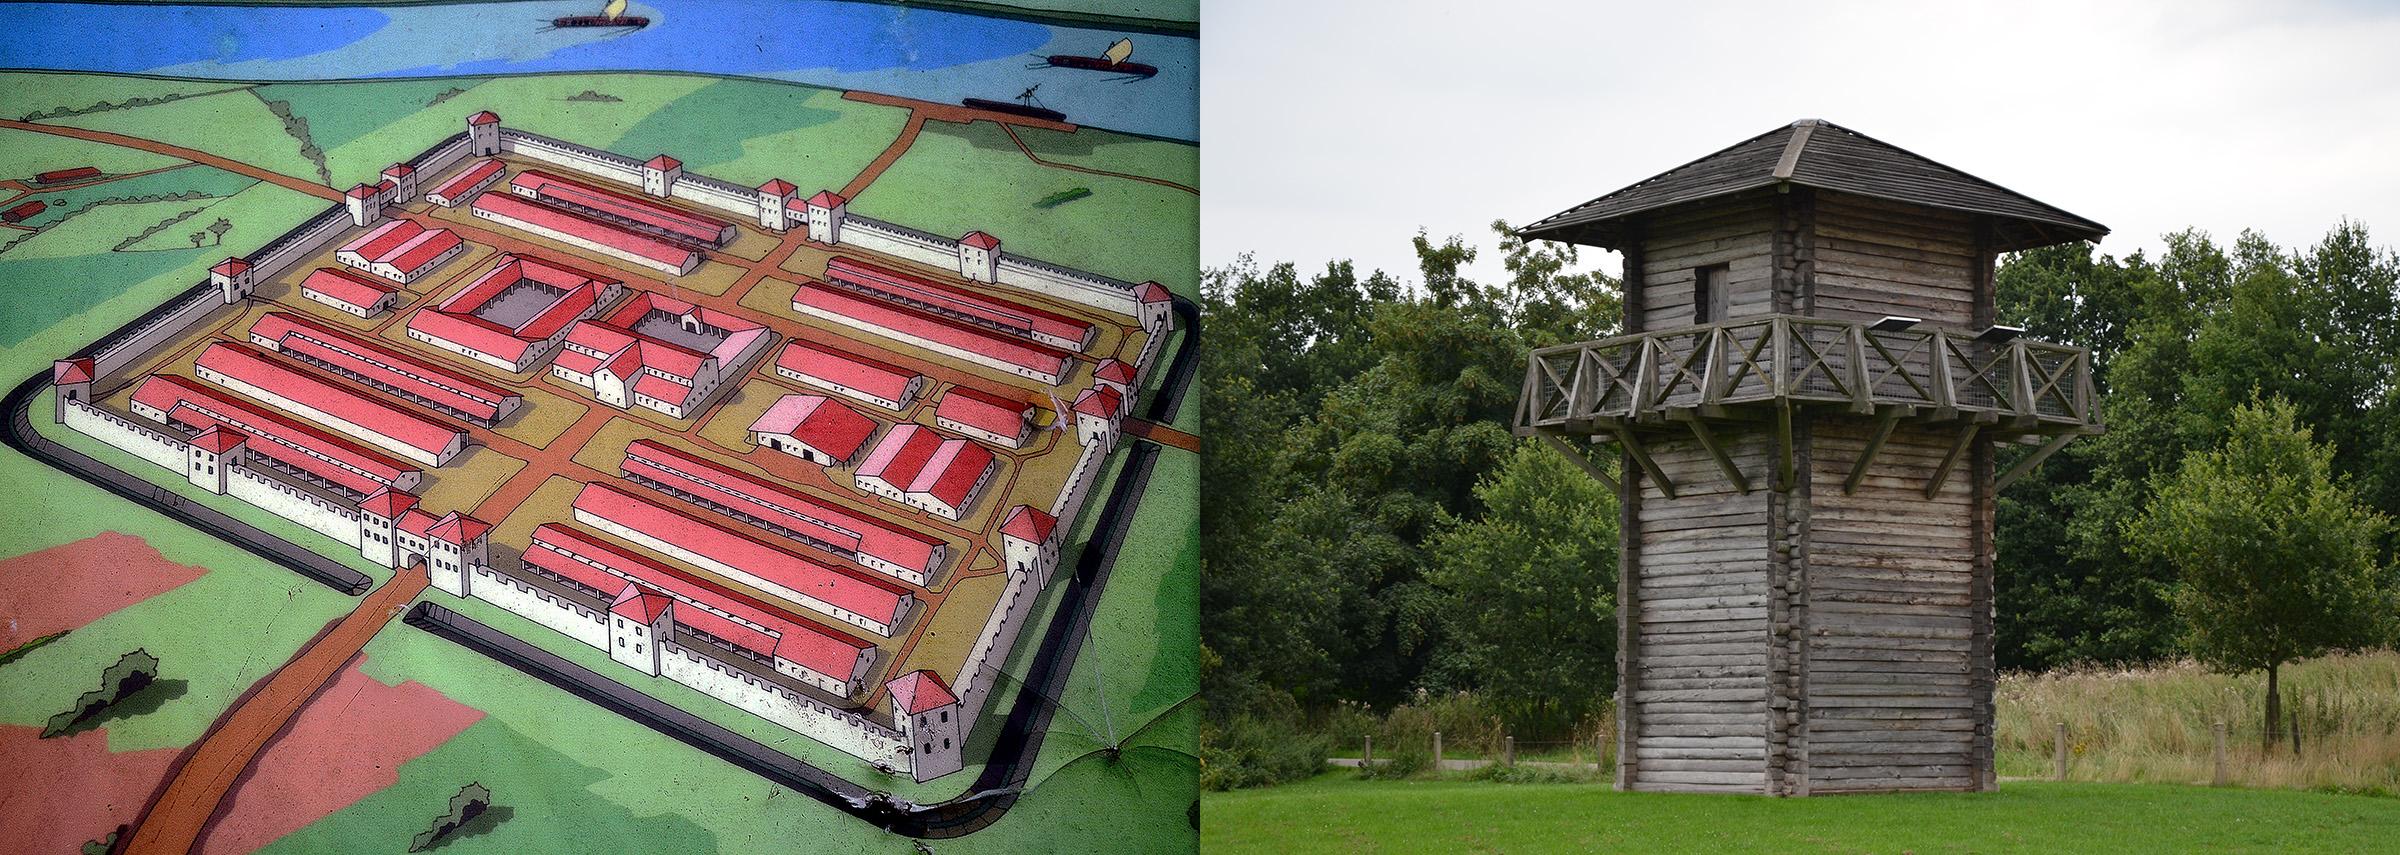 romeinse-forten